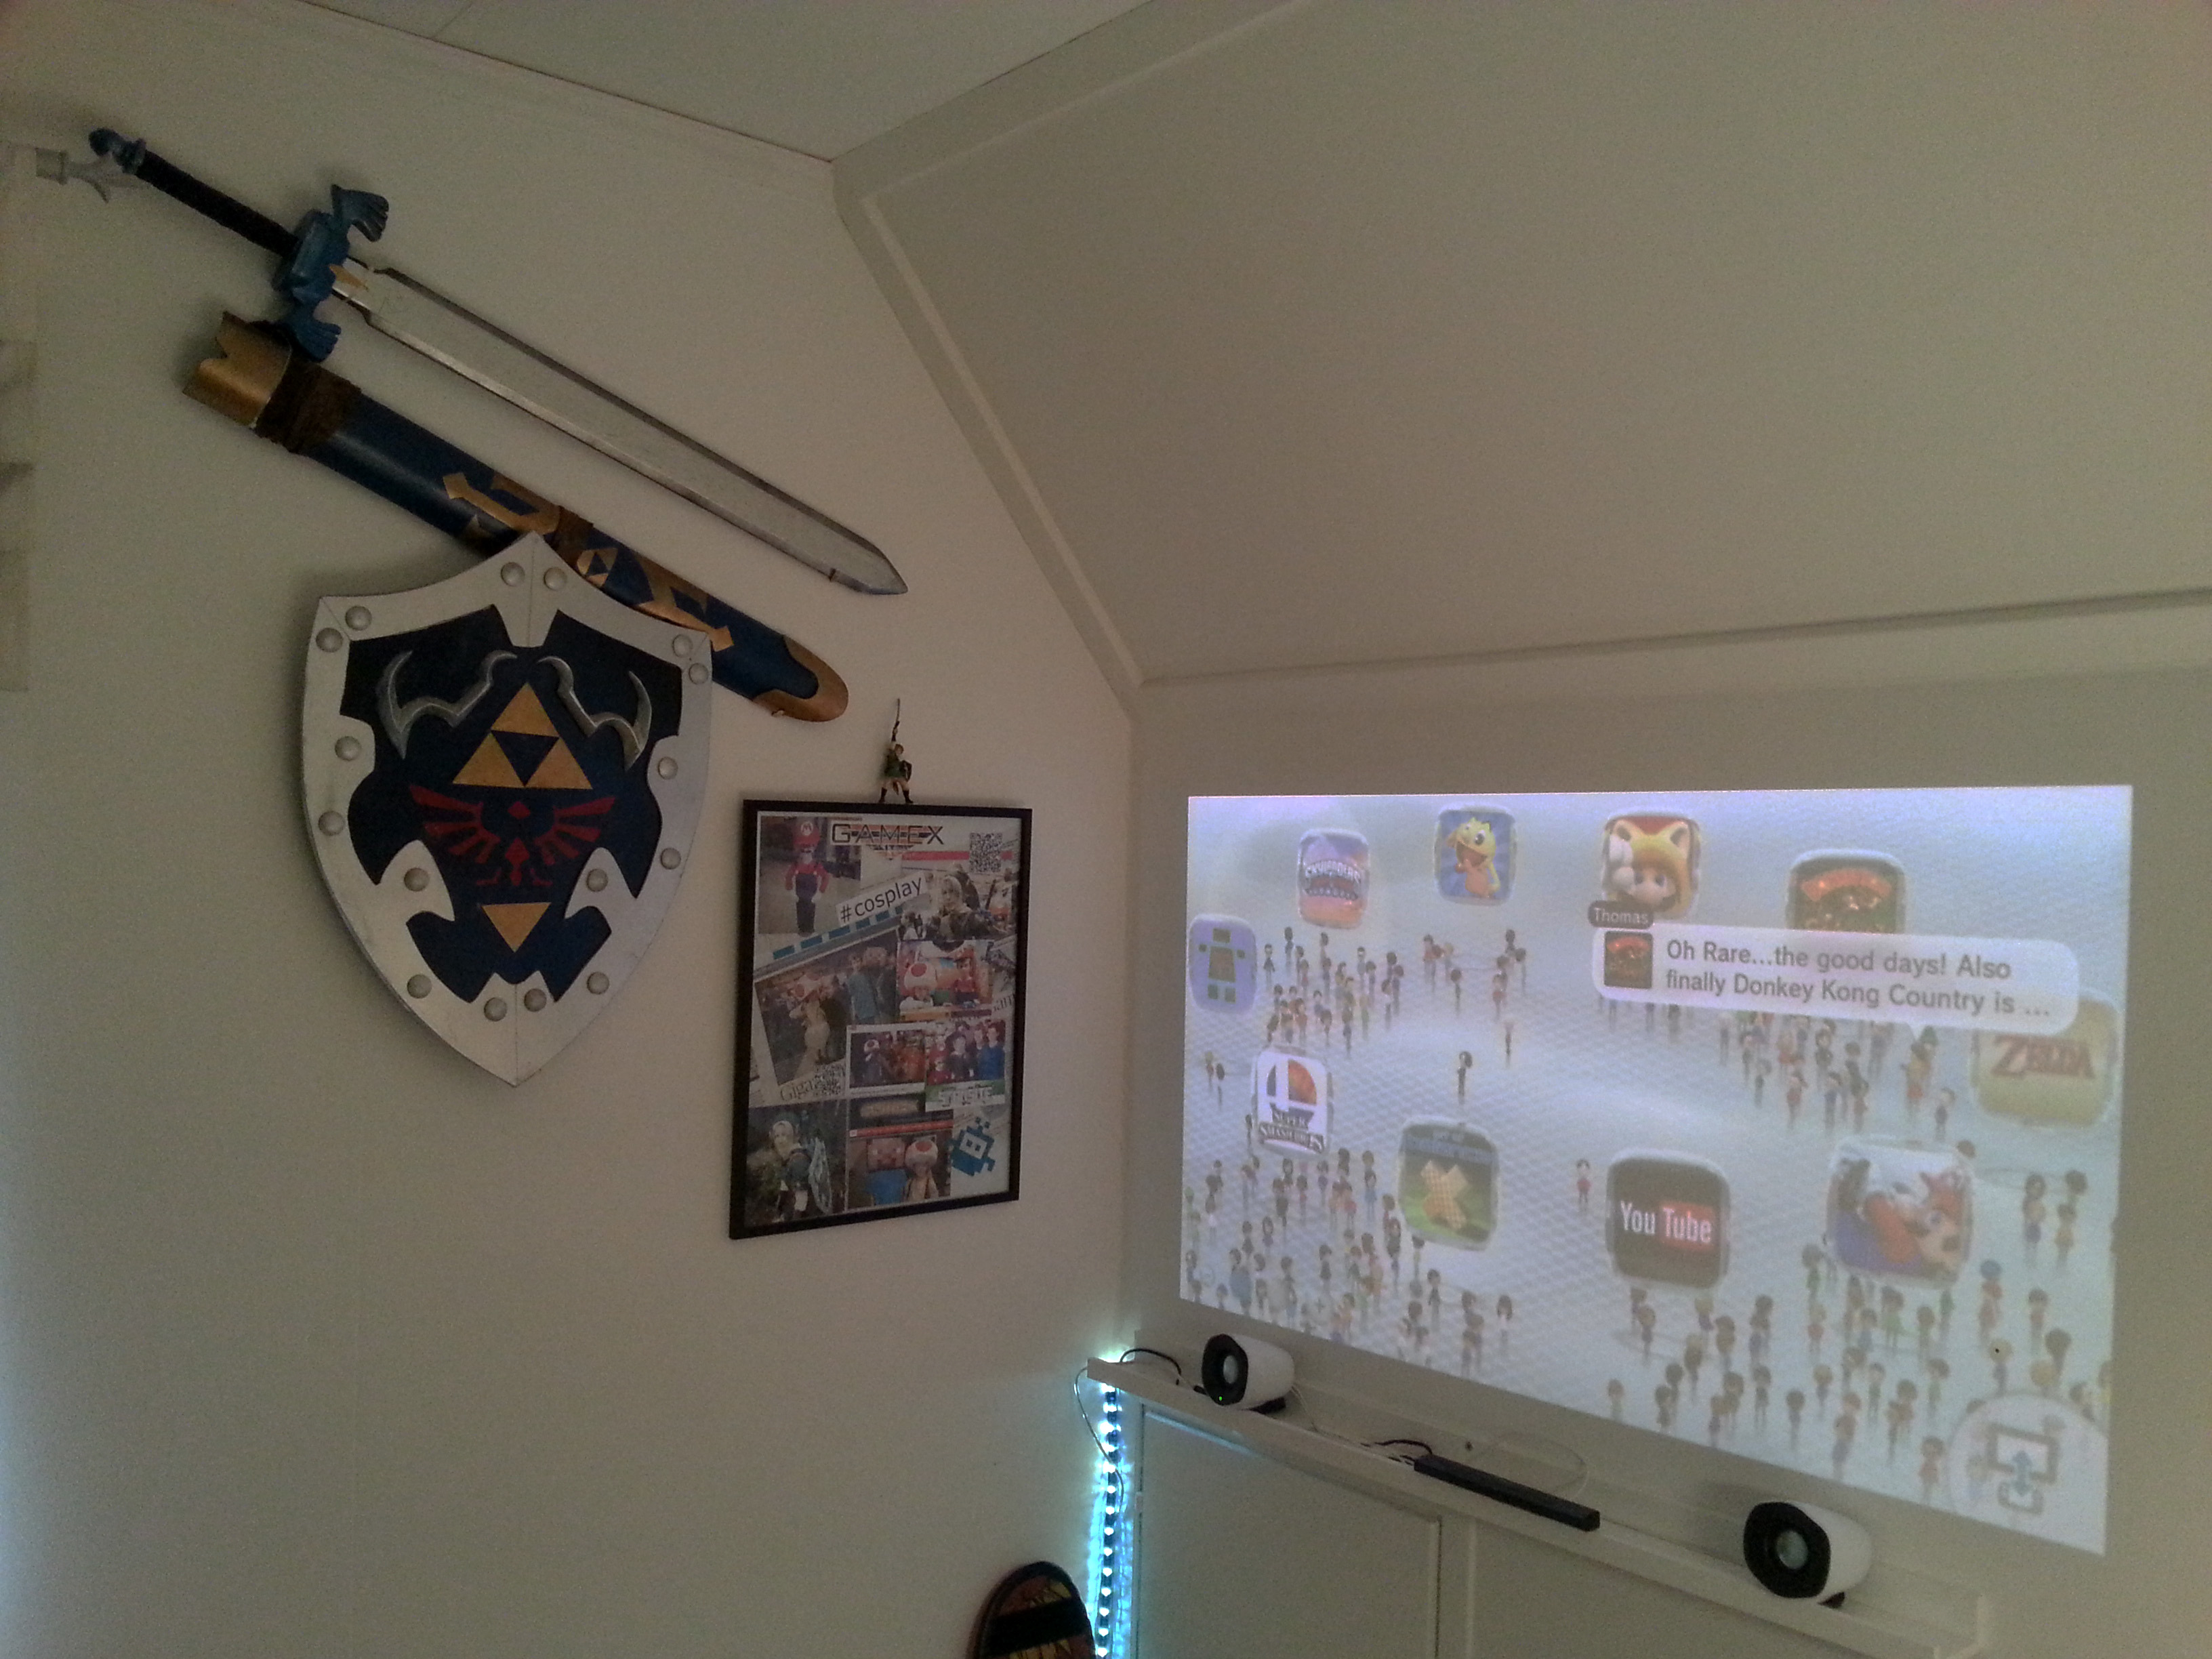 Vita väggen fungerar lika bra som projektorduk.